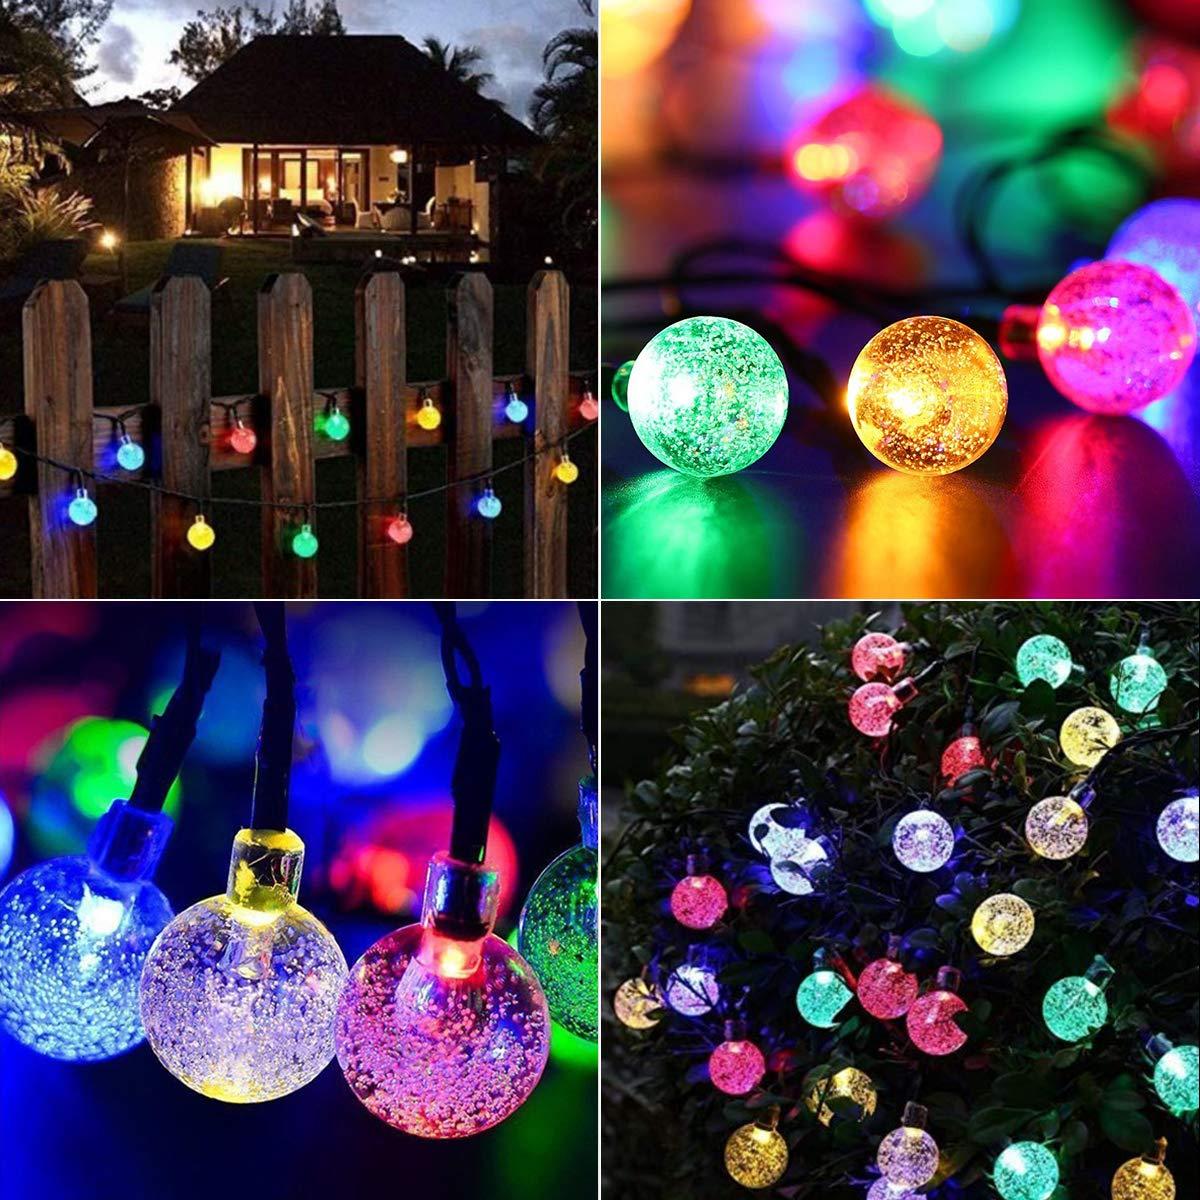 Patio Multicolore Mariage No/ël Guirlande Lumineuse Solaire FOCHEA 7M IP65 Guirlande Lumineuse Exterieur avec 8 Modes et 50 Boules Cristal LED pour Jardin Cl/ôture Terrasse